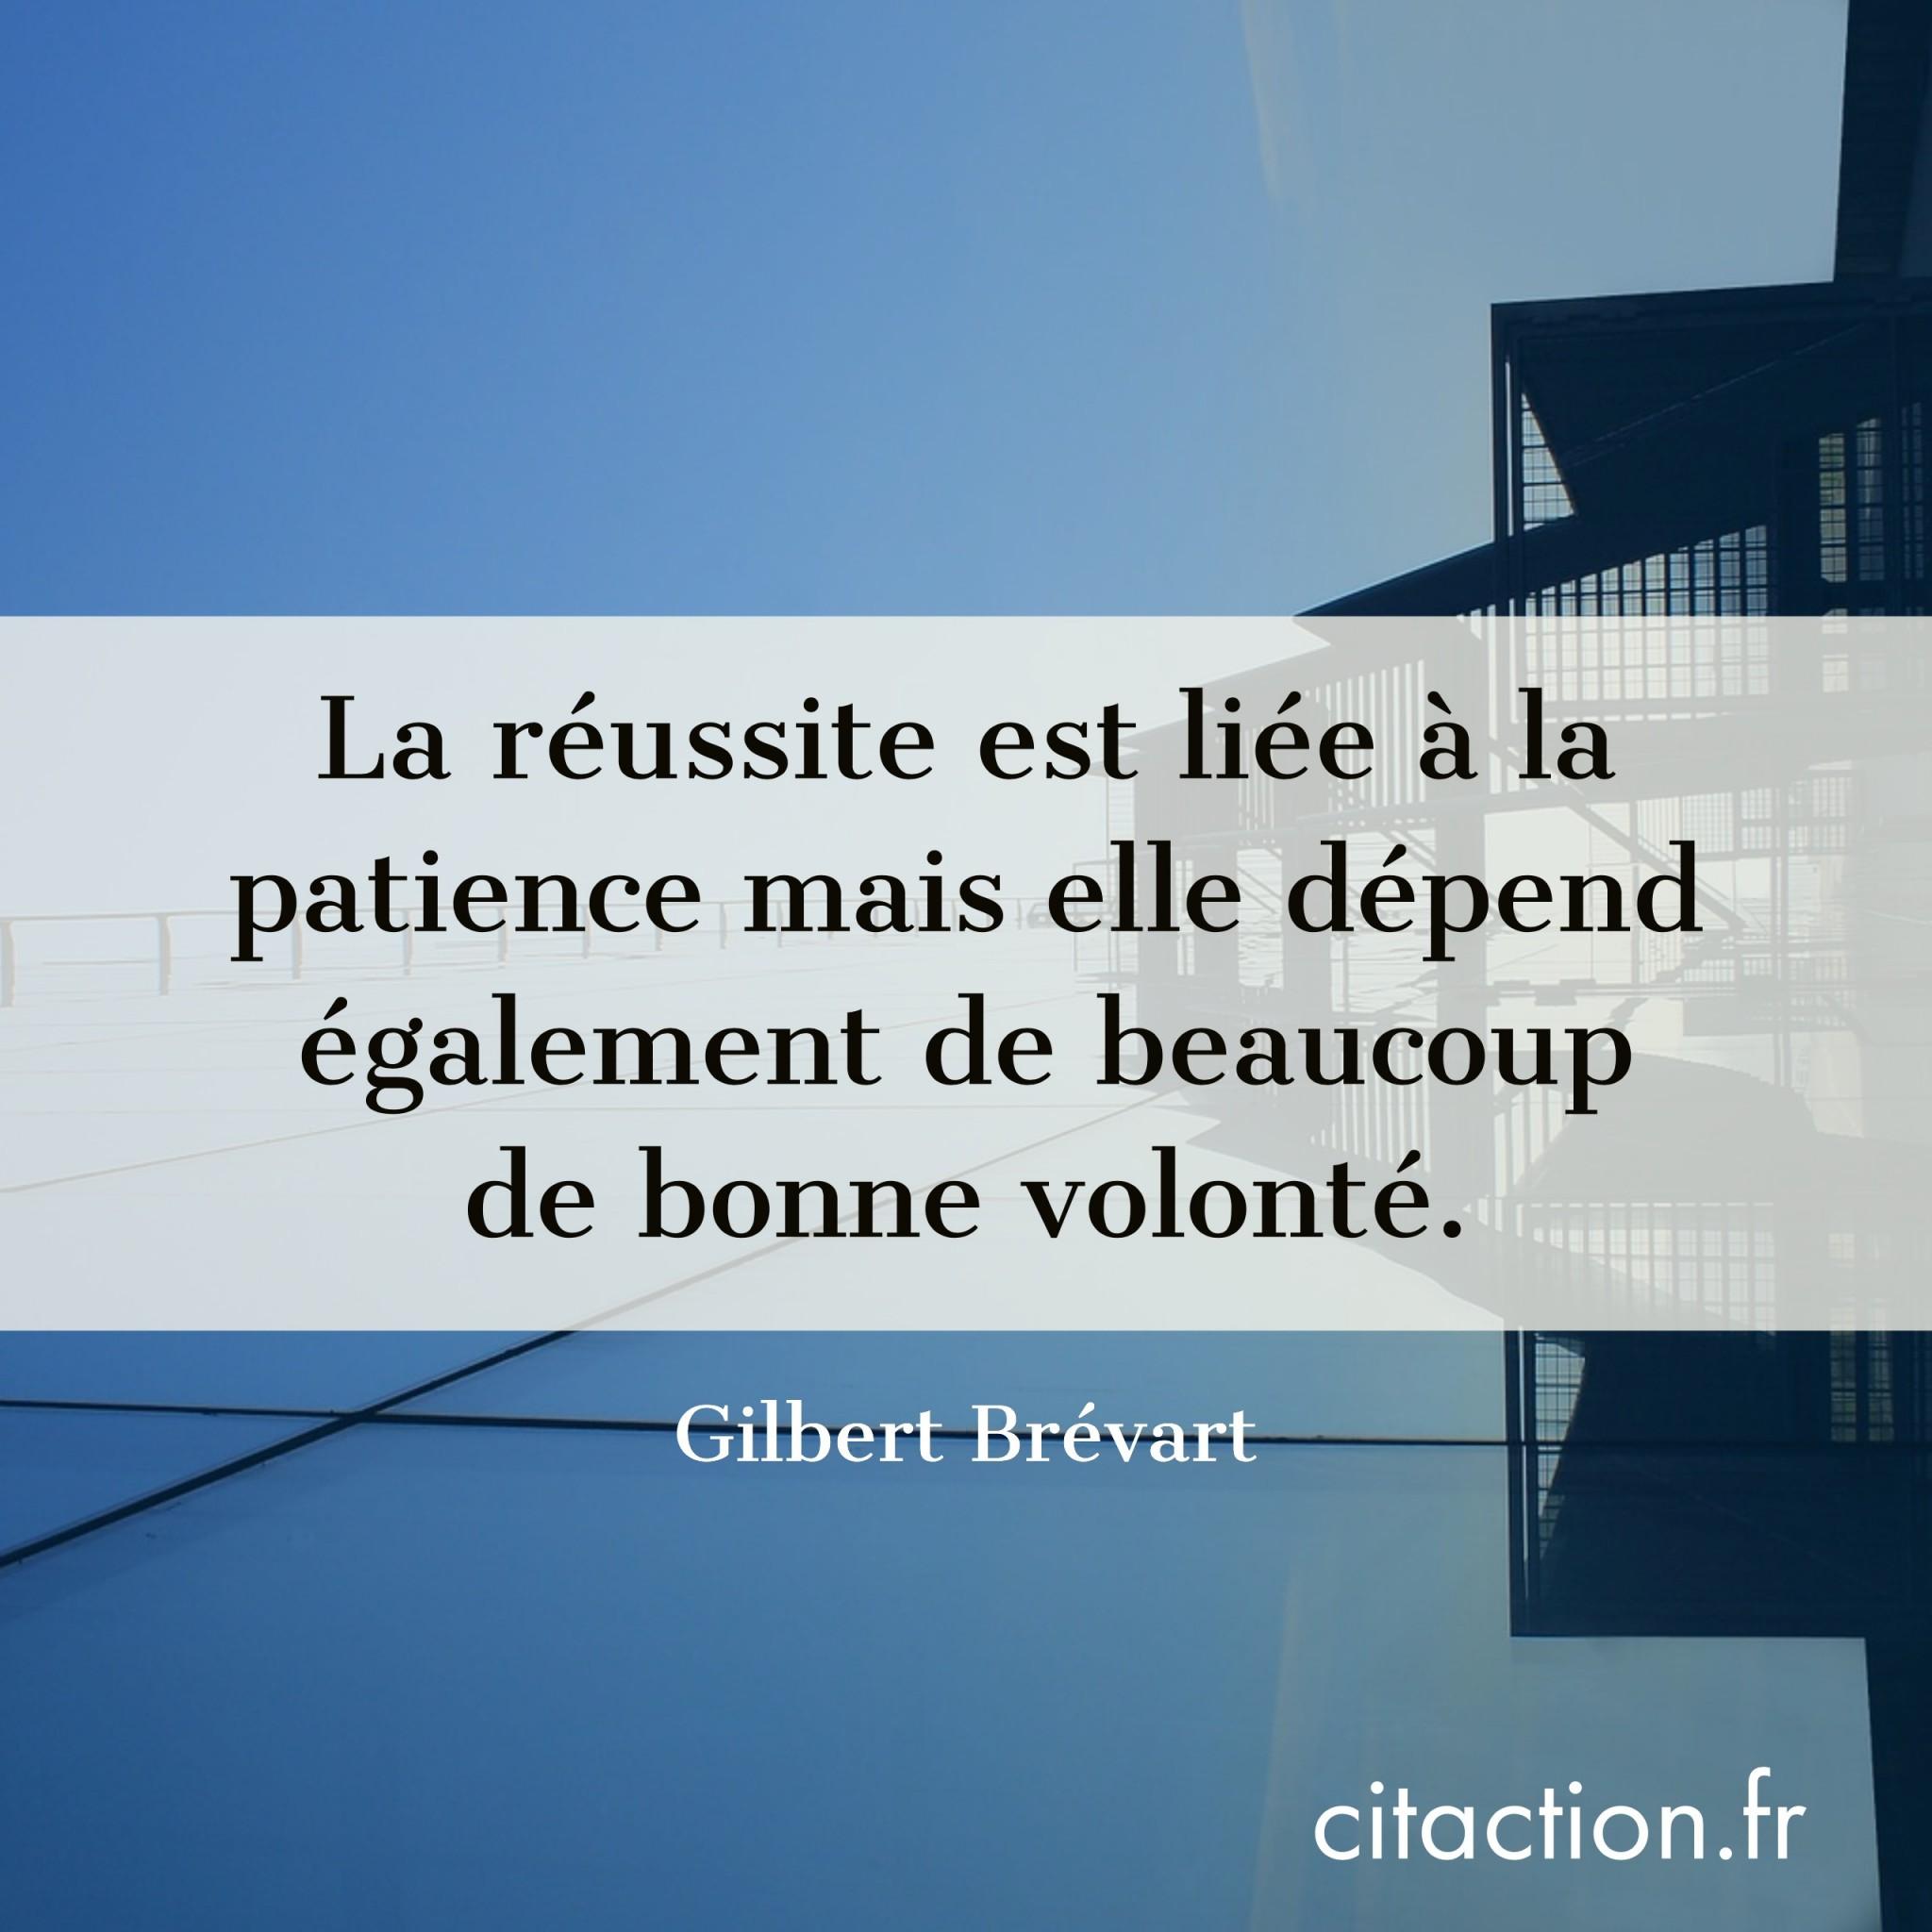 La réussite est liée à la patience mais elle dépend également de beaucoup de bonne volonté.